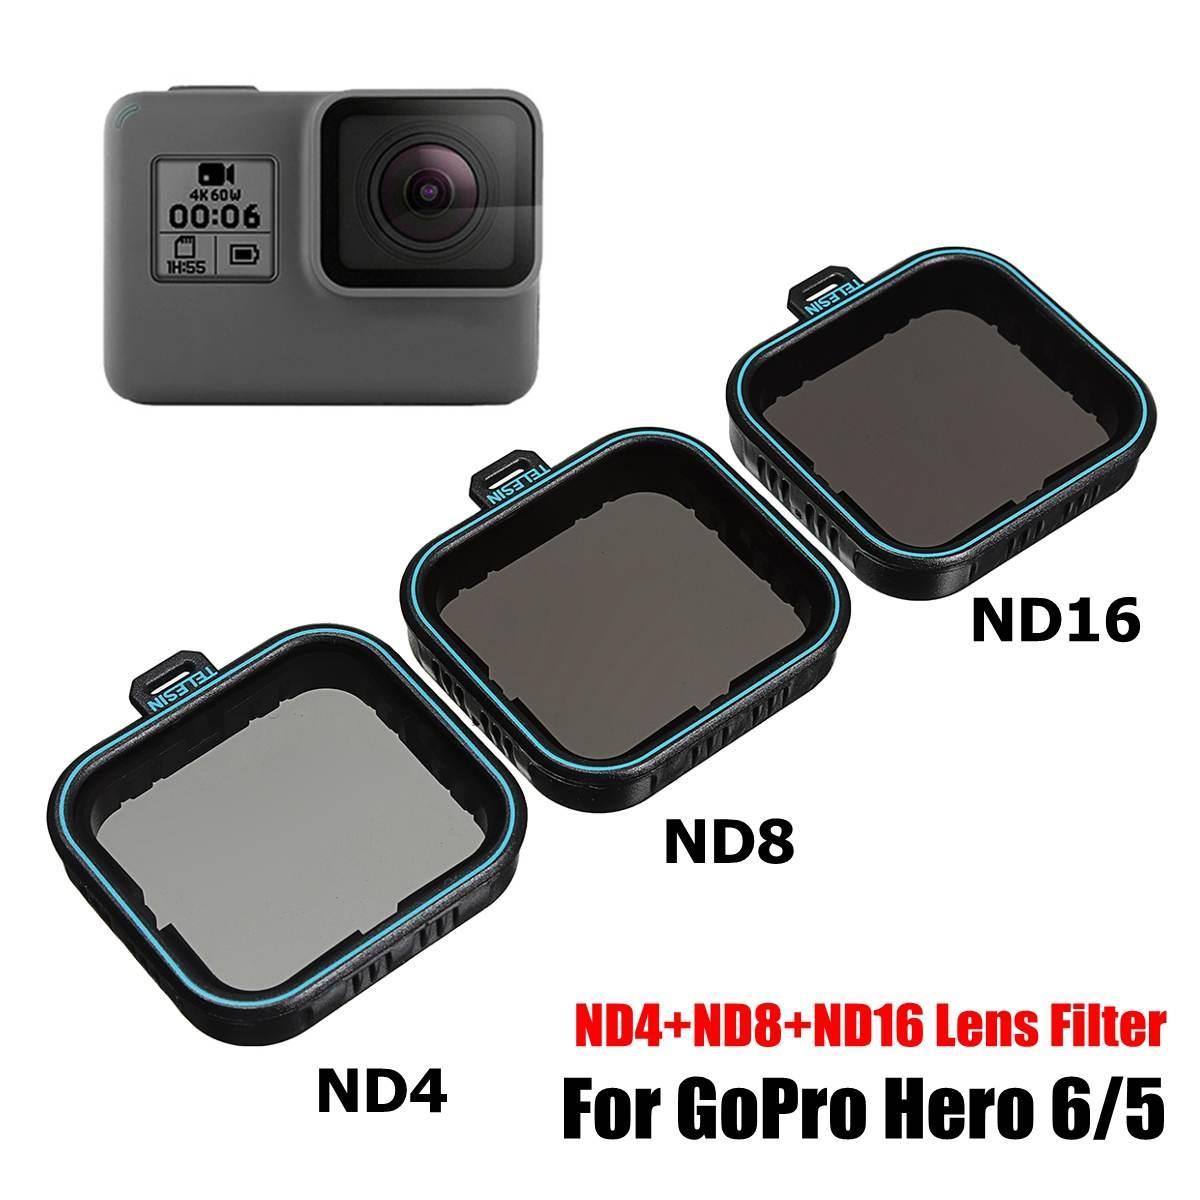 3 pacote fiter conjunto nd lente protetor filtro (nd4 8 16) 3 filtros para gopro hero 5 herói 6 herói preto 7 câmera accessoreis